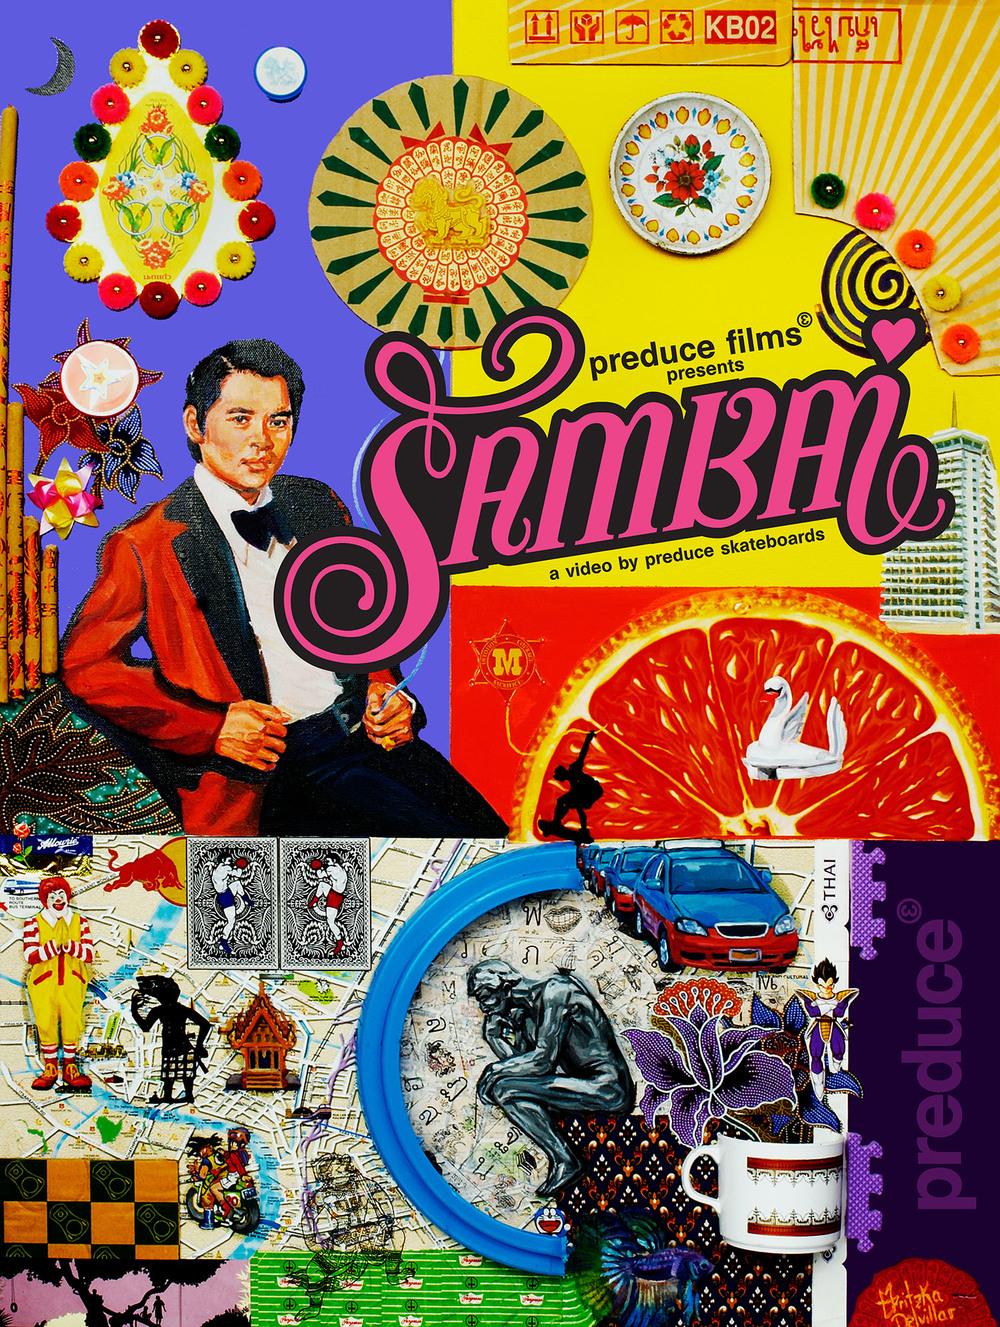 sambai_72dpi_1500p width.jpg